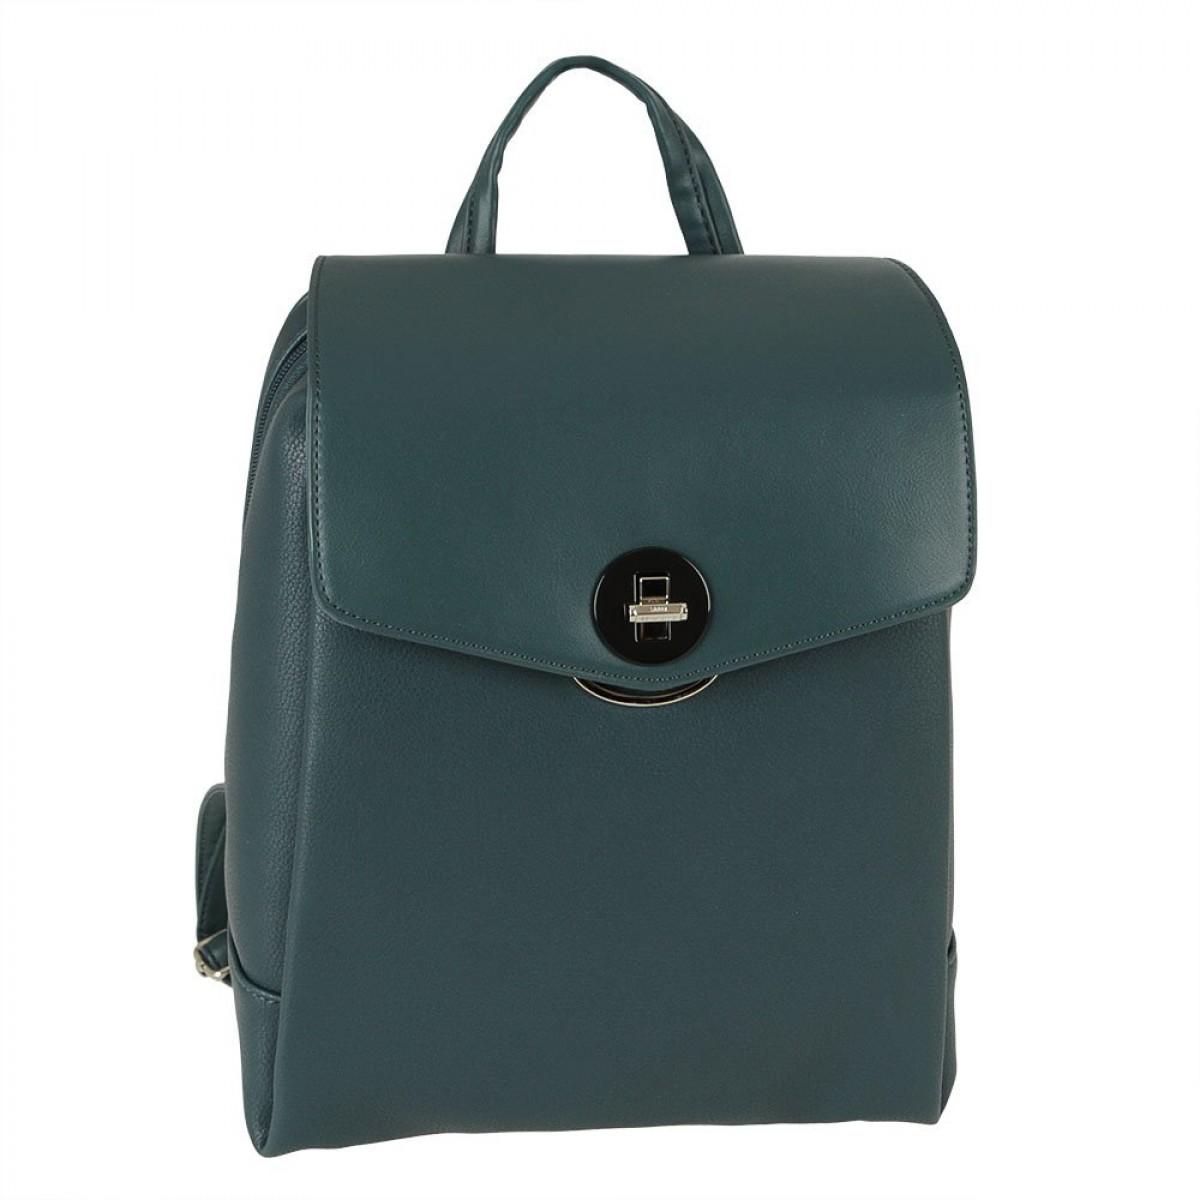 Жіночий рюкзак David Jones 6414-3 PEACOCK BLUE